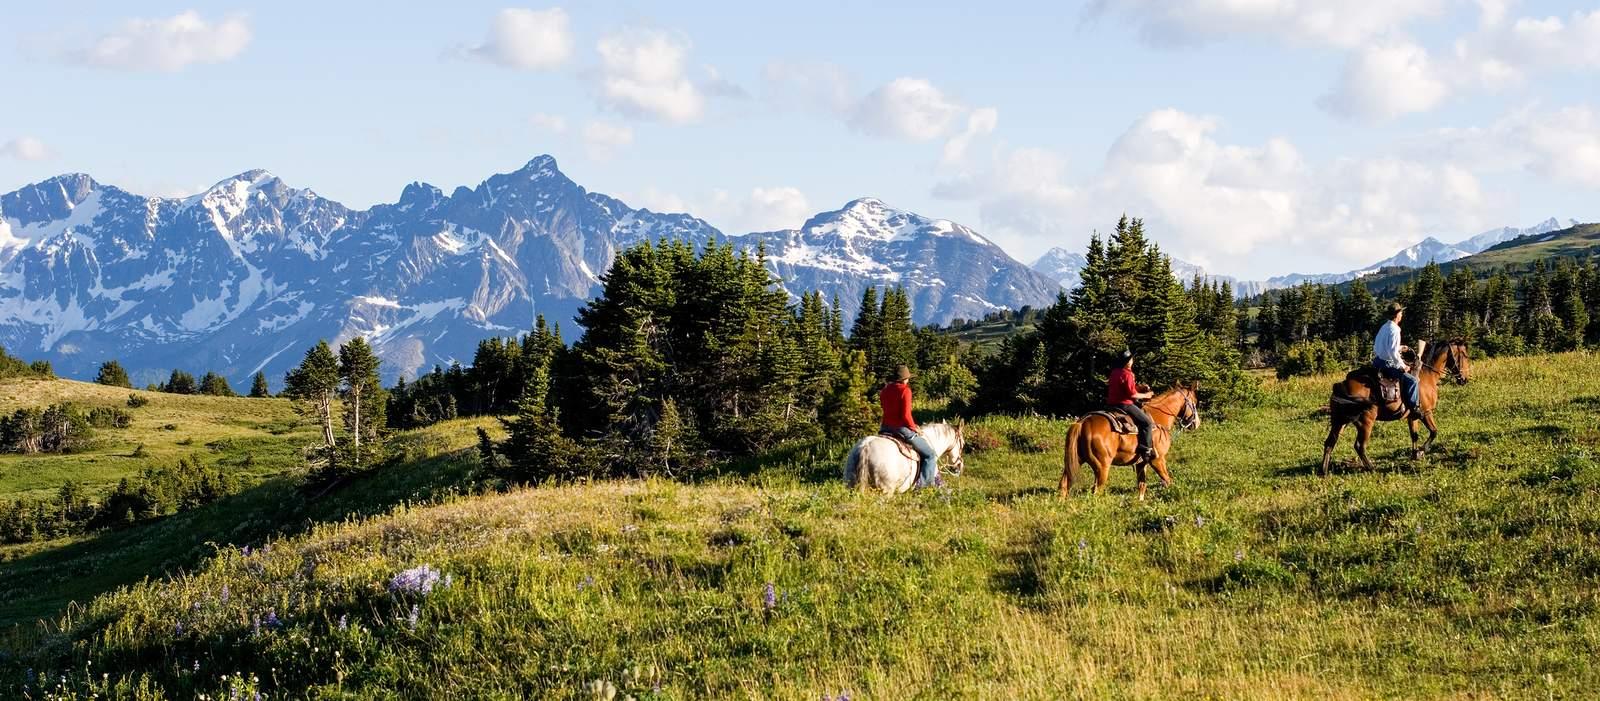 Die Grasslands von British Columbia